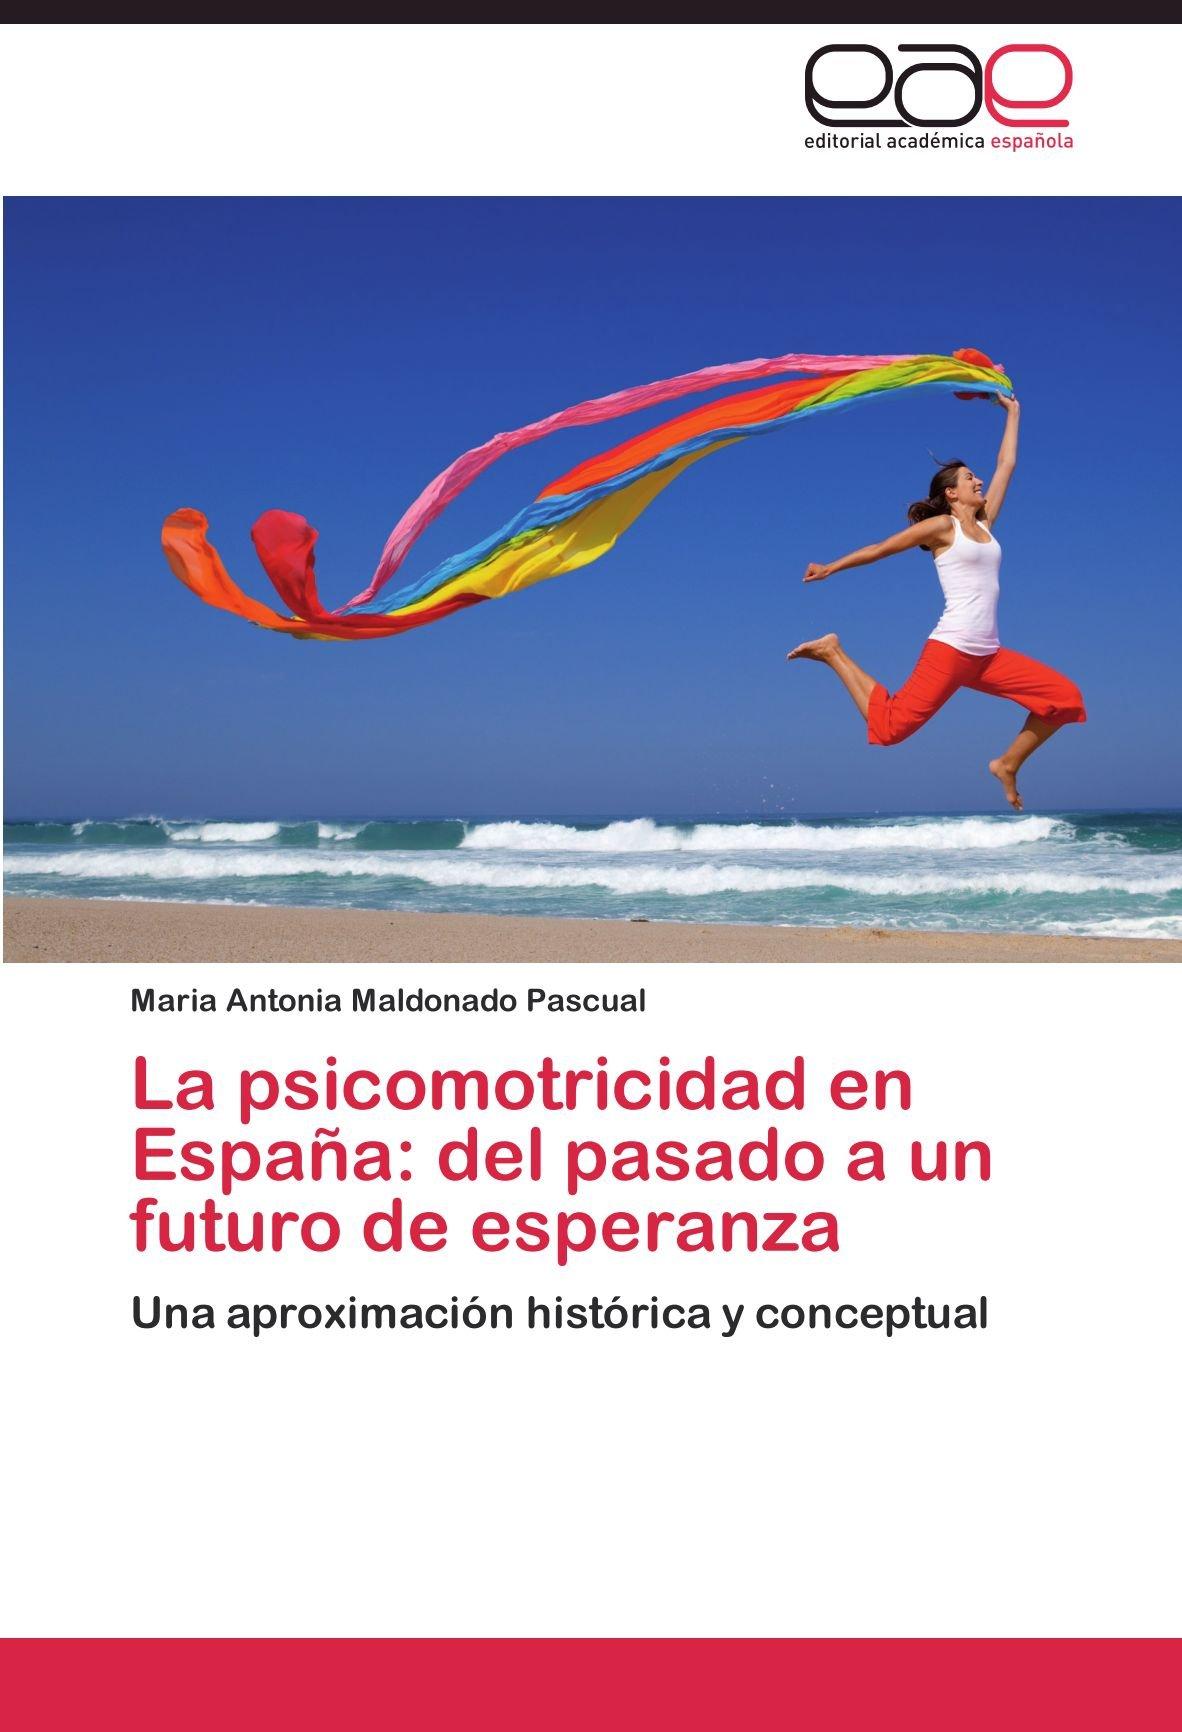 La psicomotricidad en España: del pasado a un futuro de esperanza: Amazon.es: Maldonado Pascual Maria Antonia: Libros